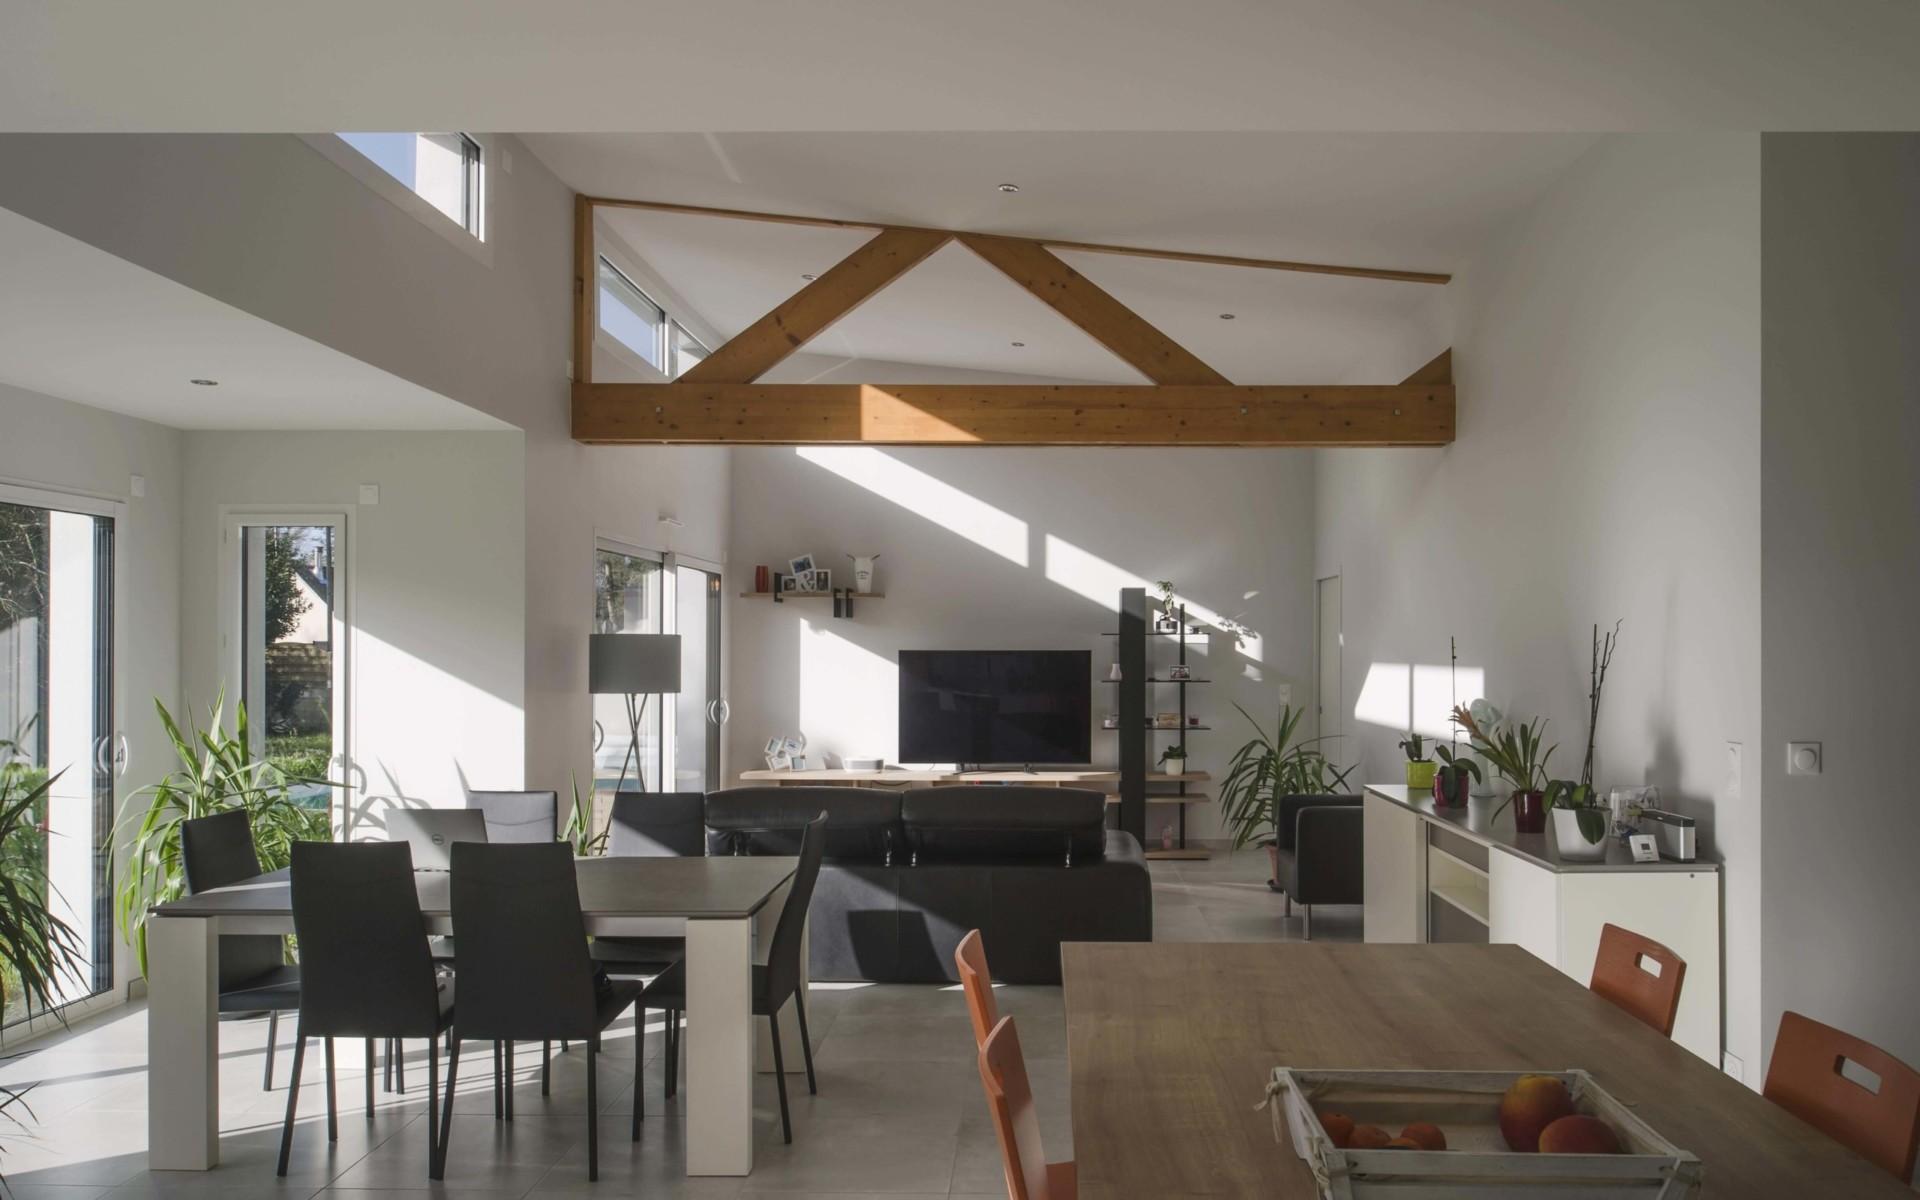 TENDANCES MAGAZINE Magazine Deco Maison Vue Interieure Maison Design Grandchamps Des Fontaines 44 Berthelot Constructions